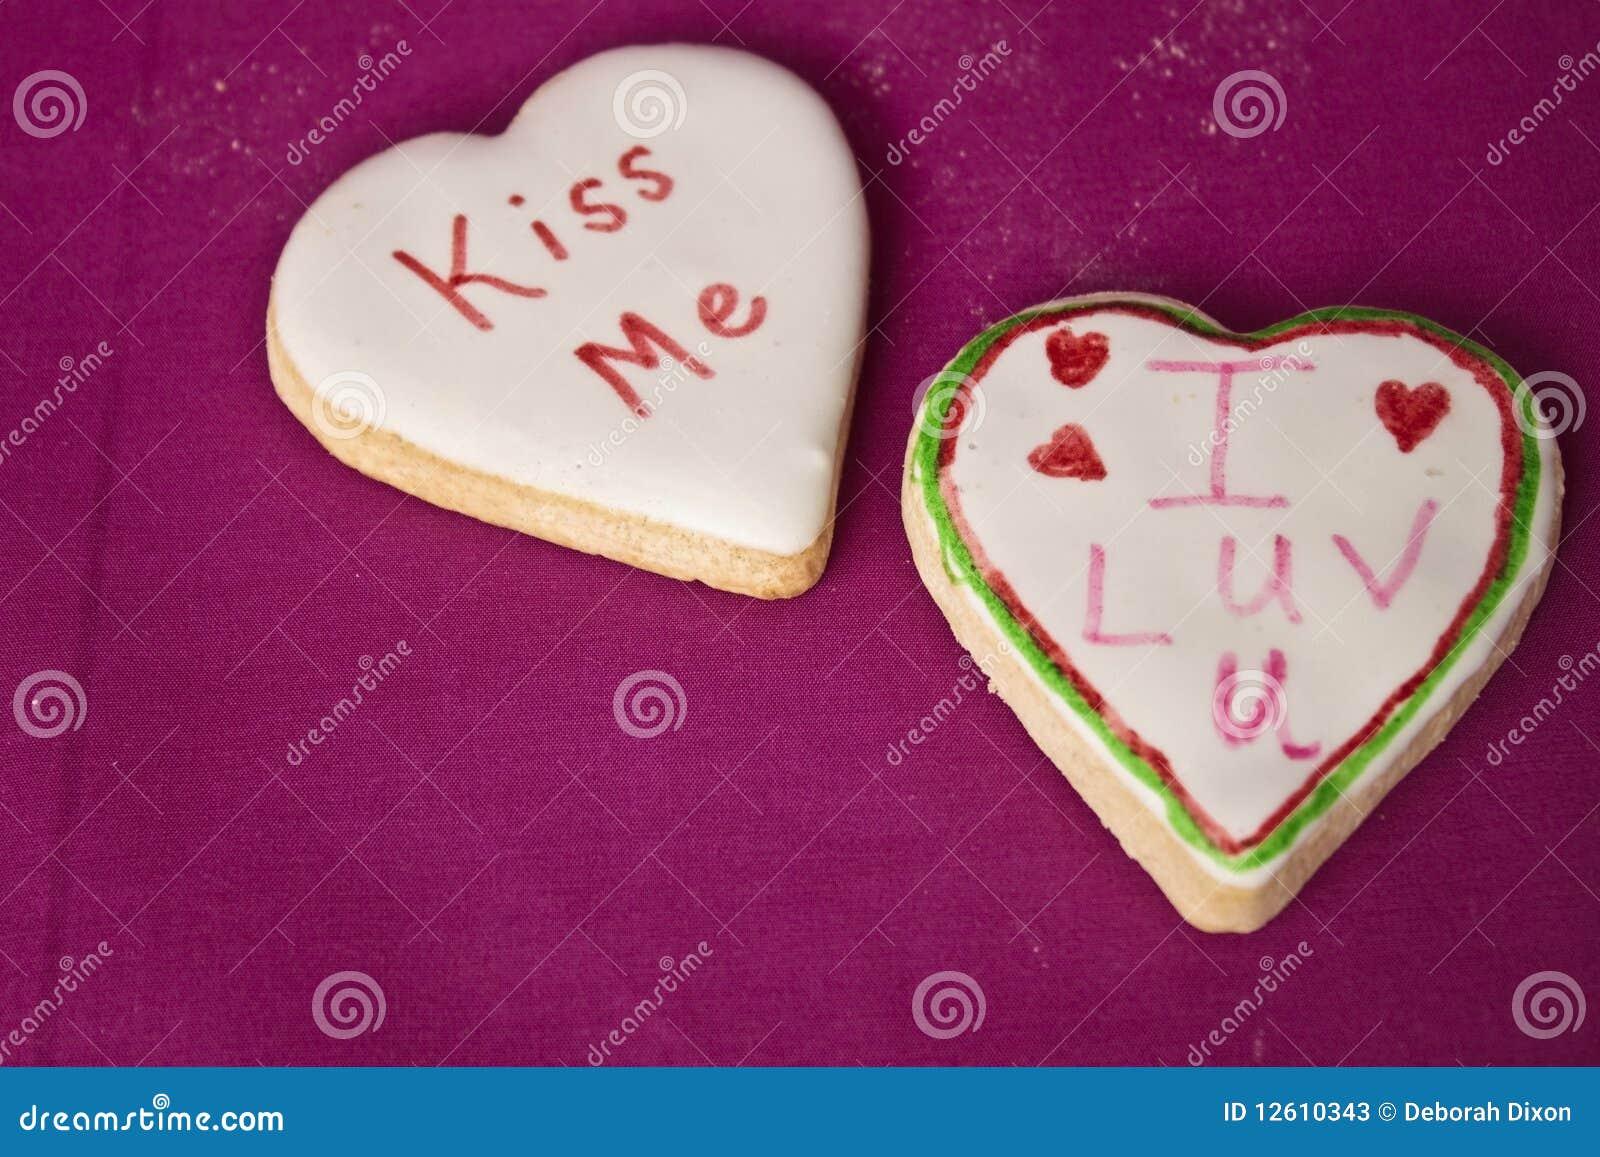 Valentine s Message Cookies